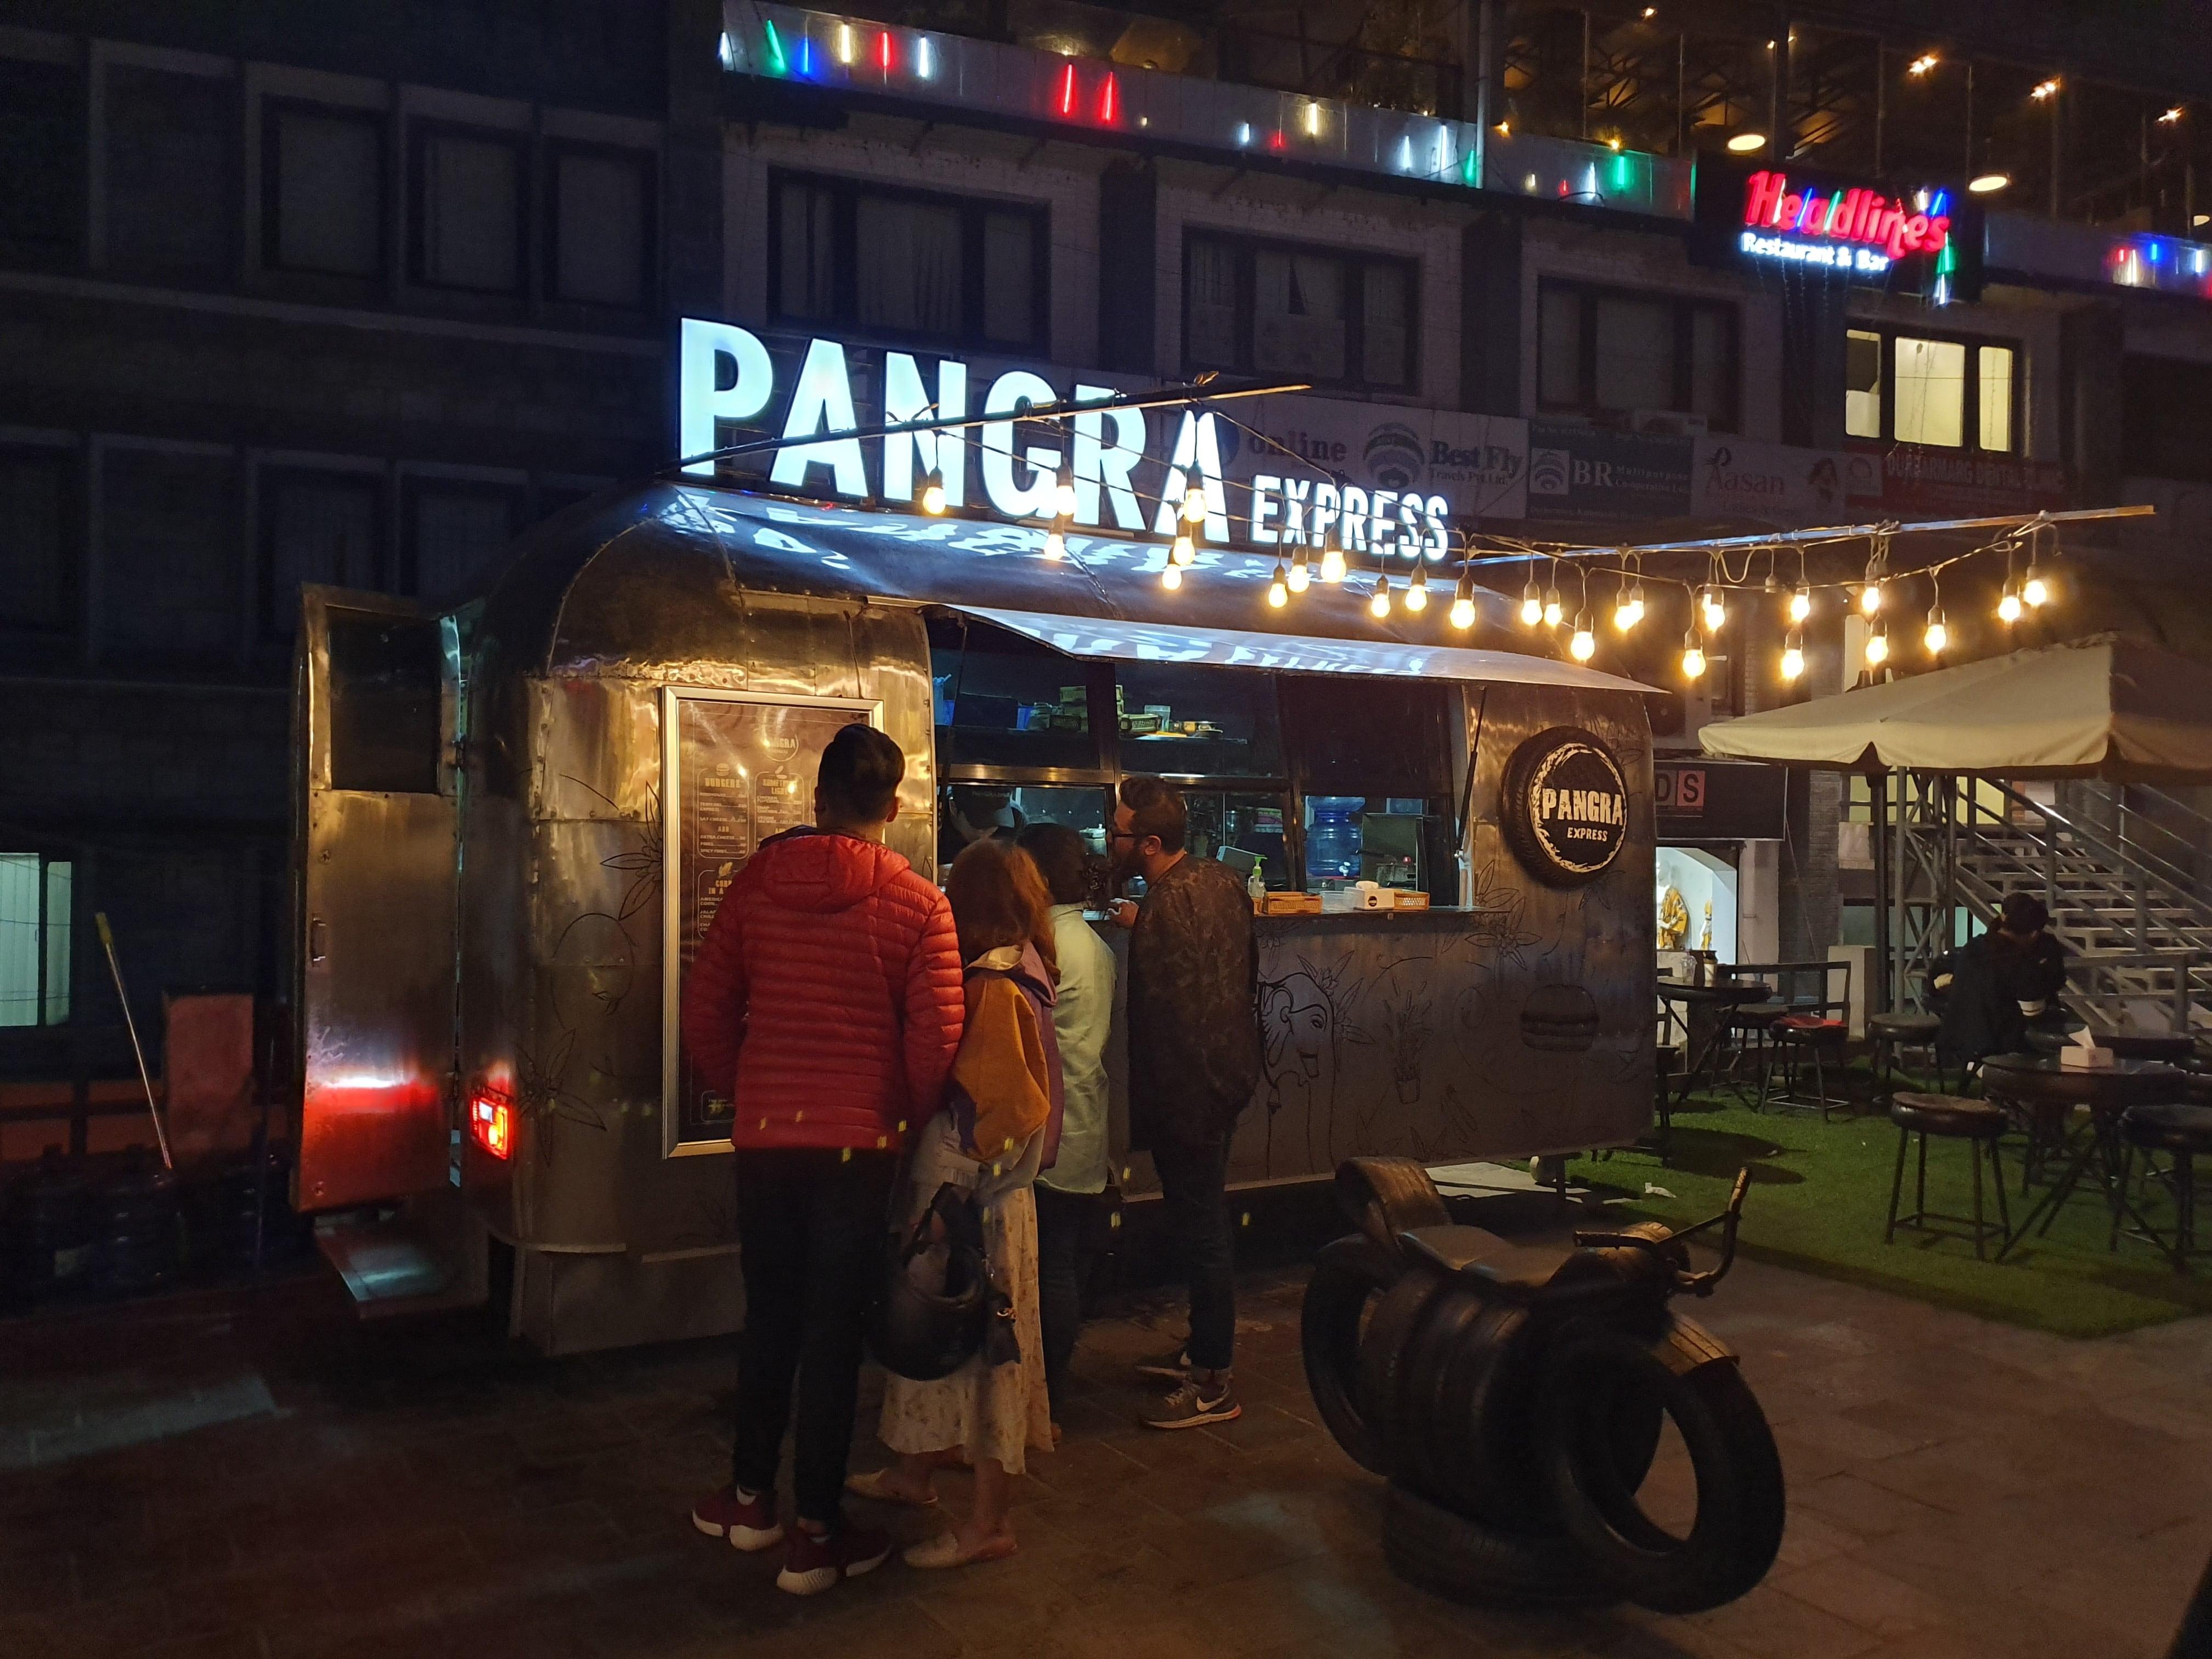 Pangra Nepal